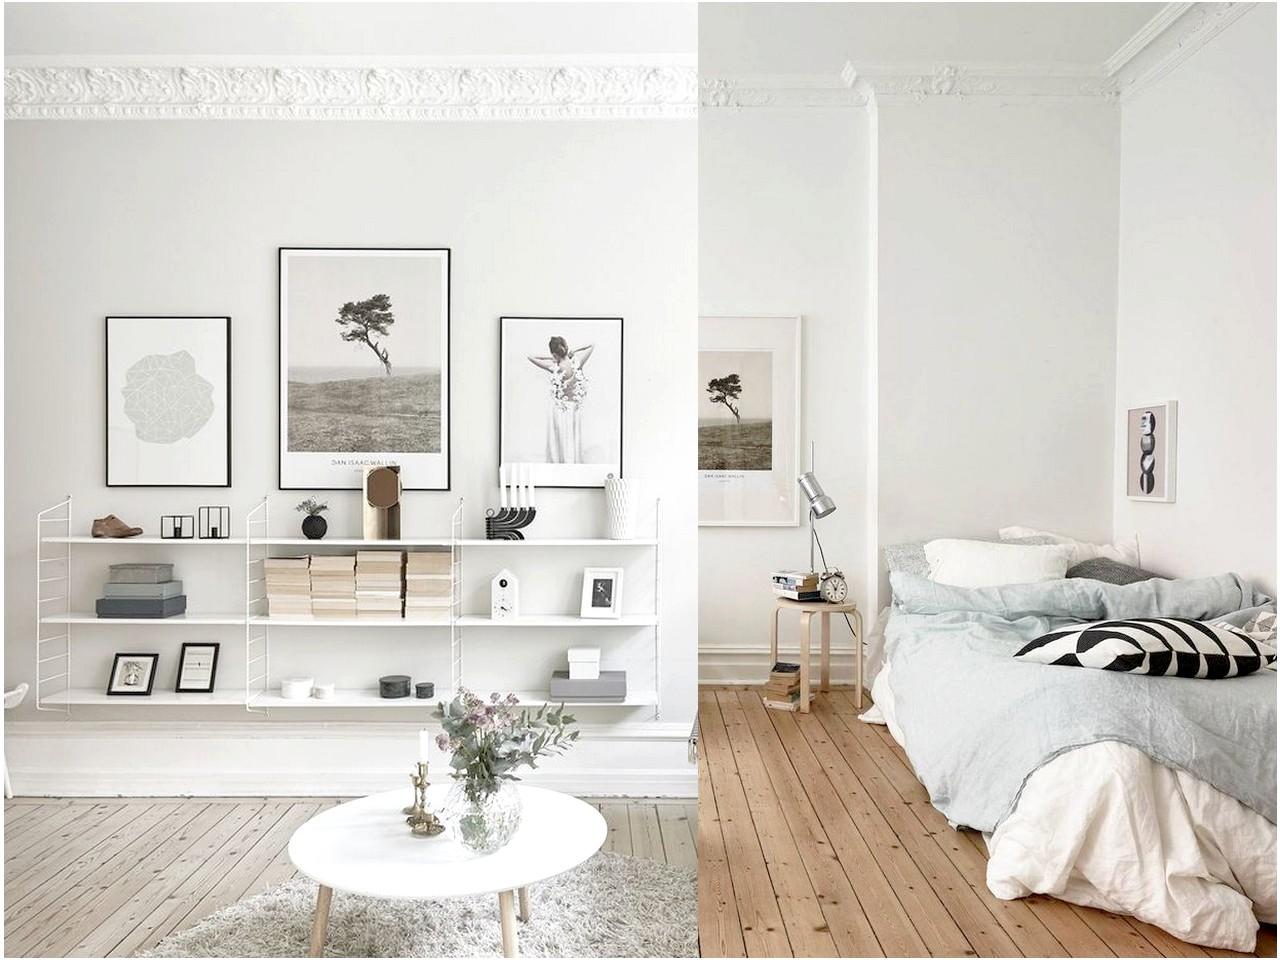 La decoraci n con molduras en casa vuelve a ser tendencia for Techo de escayola decoracion simple